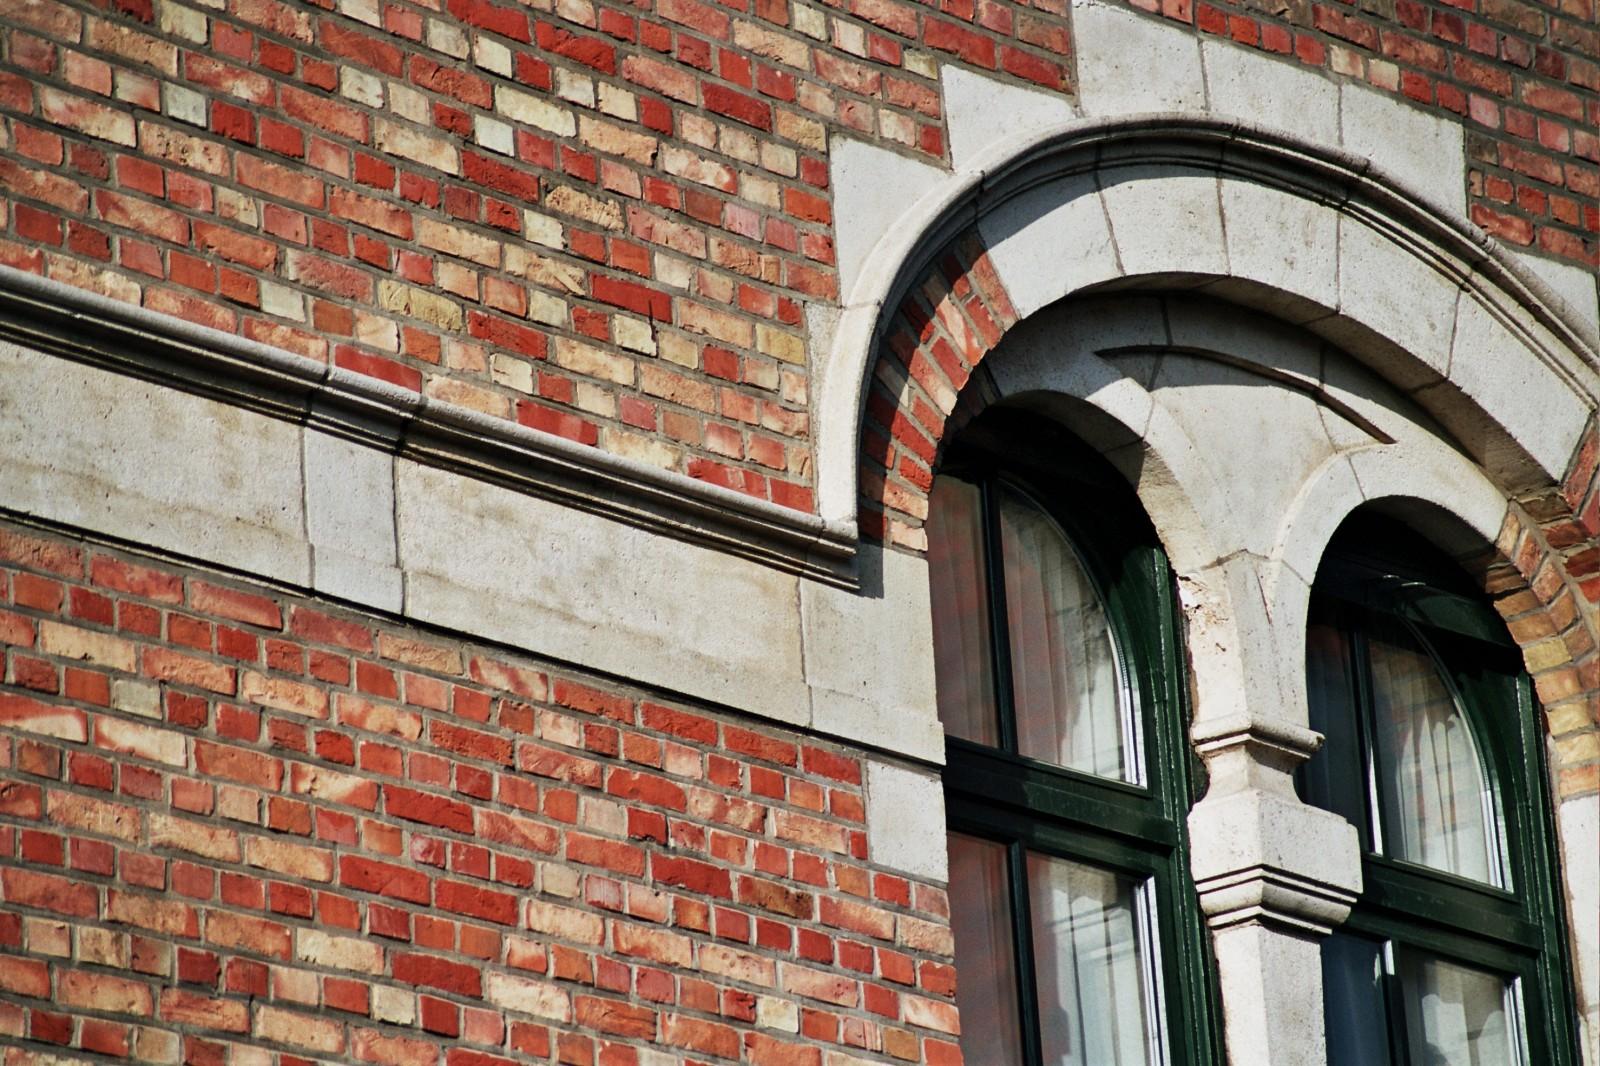 Cordon, rue Charles Degroux 108, Etterbeek, 1924, architecte Hauwaert., 2005